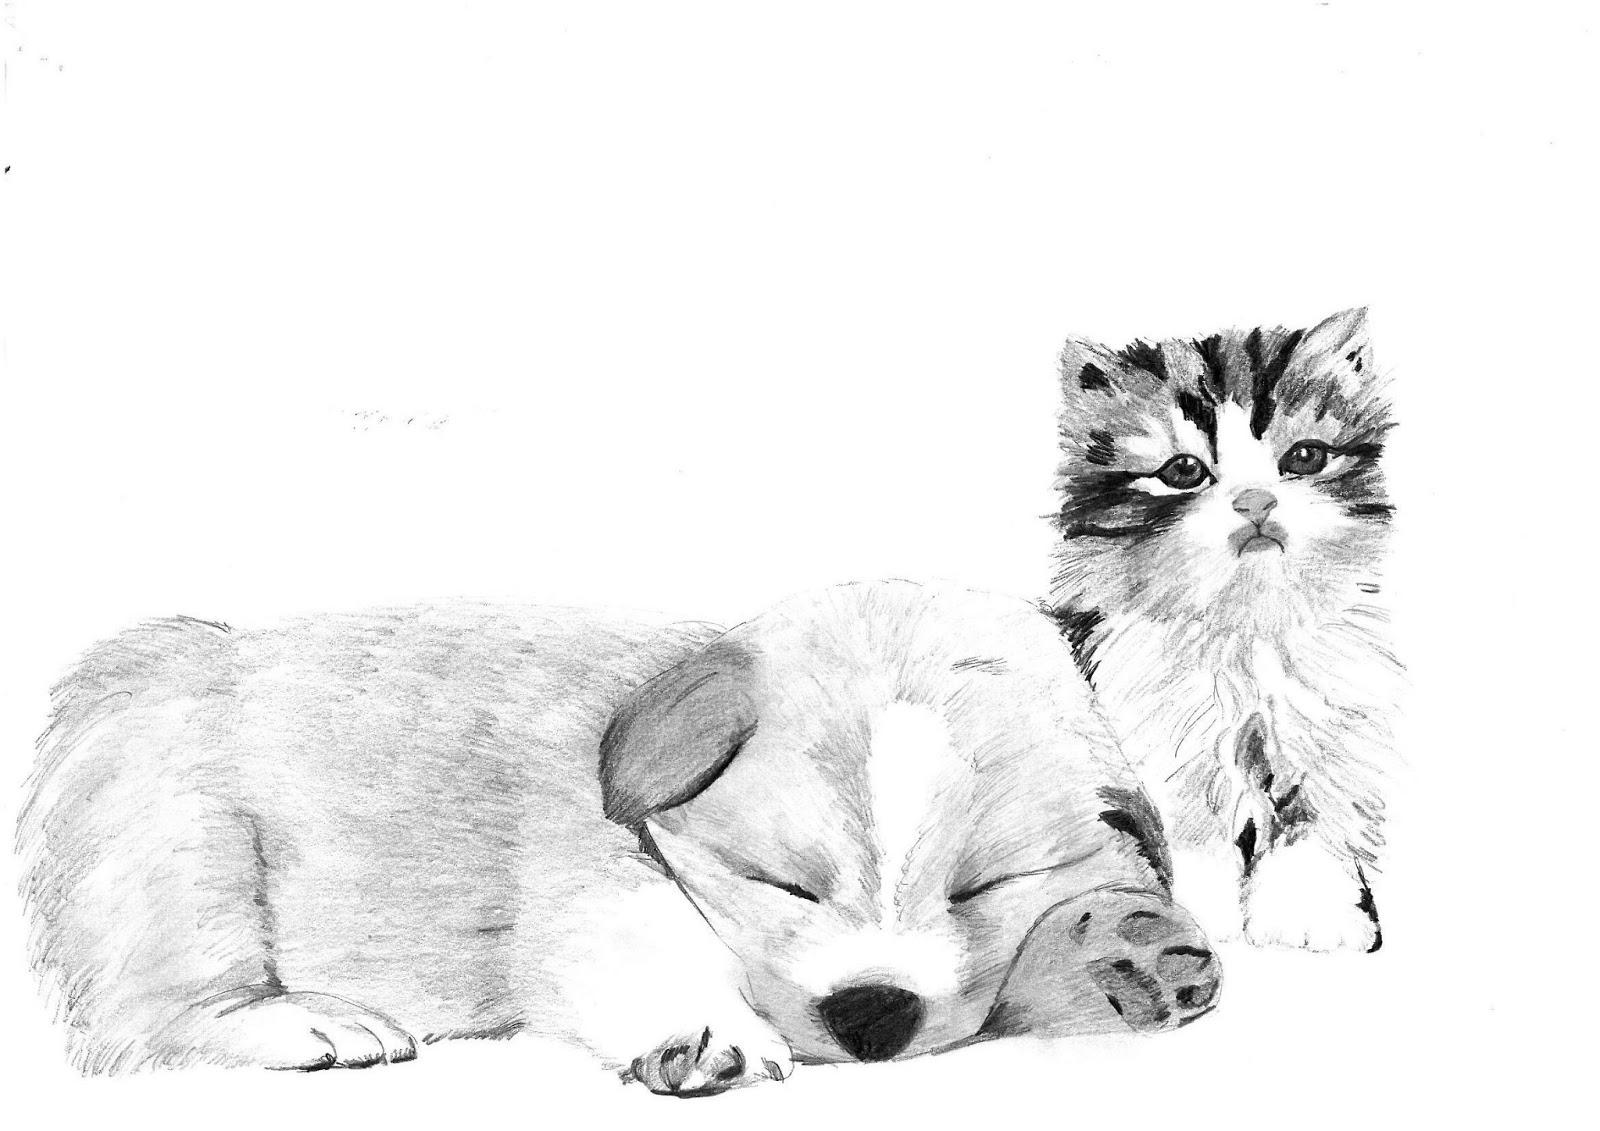 Laura Disegna Cane E Gatto Chi Lha Detto Che Non Si Può